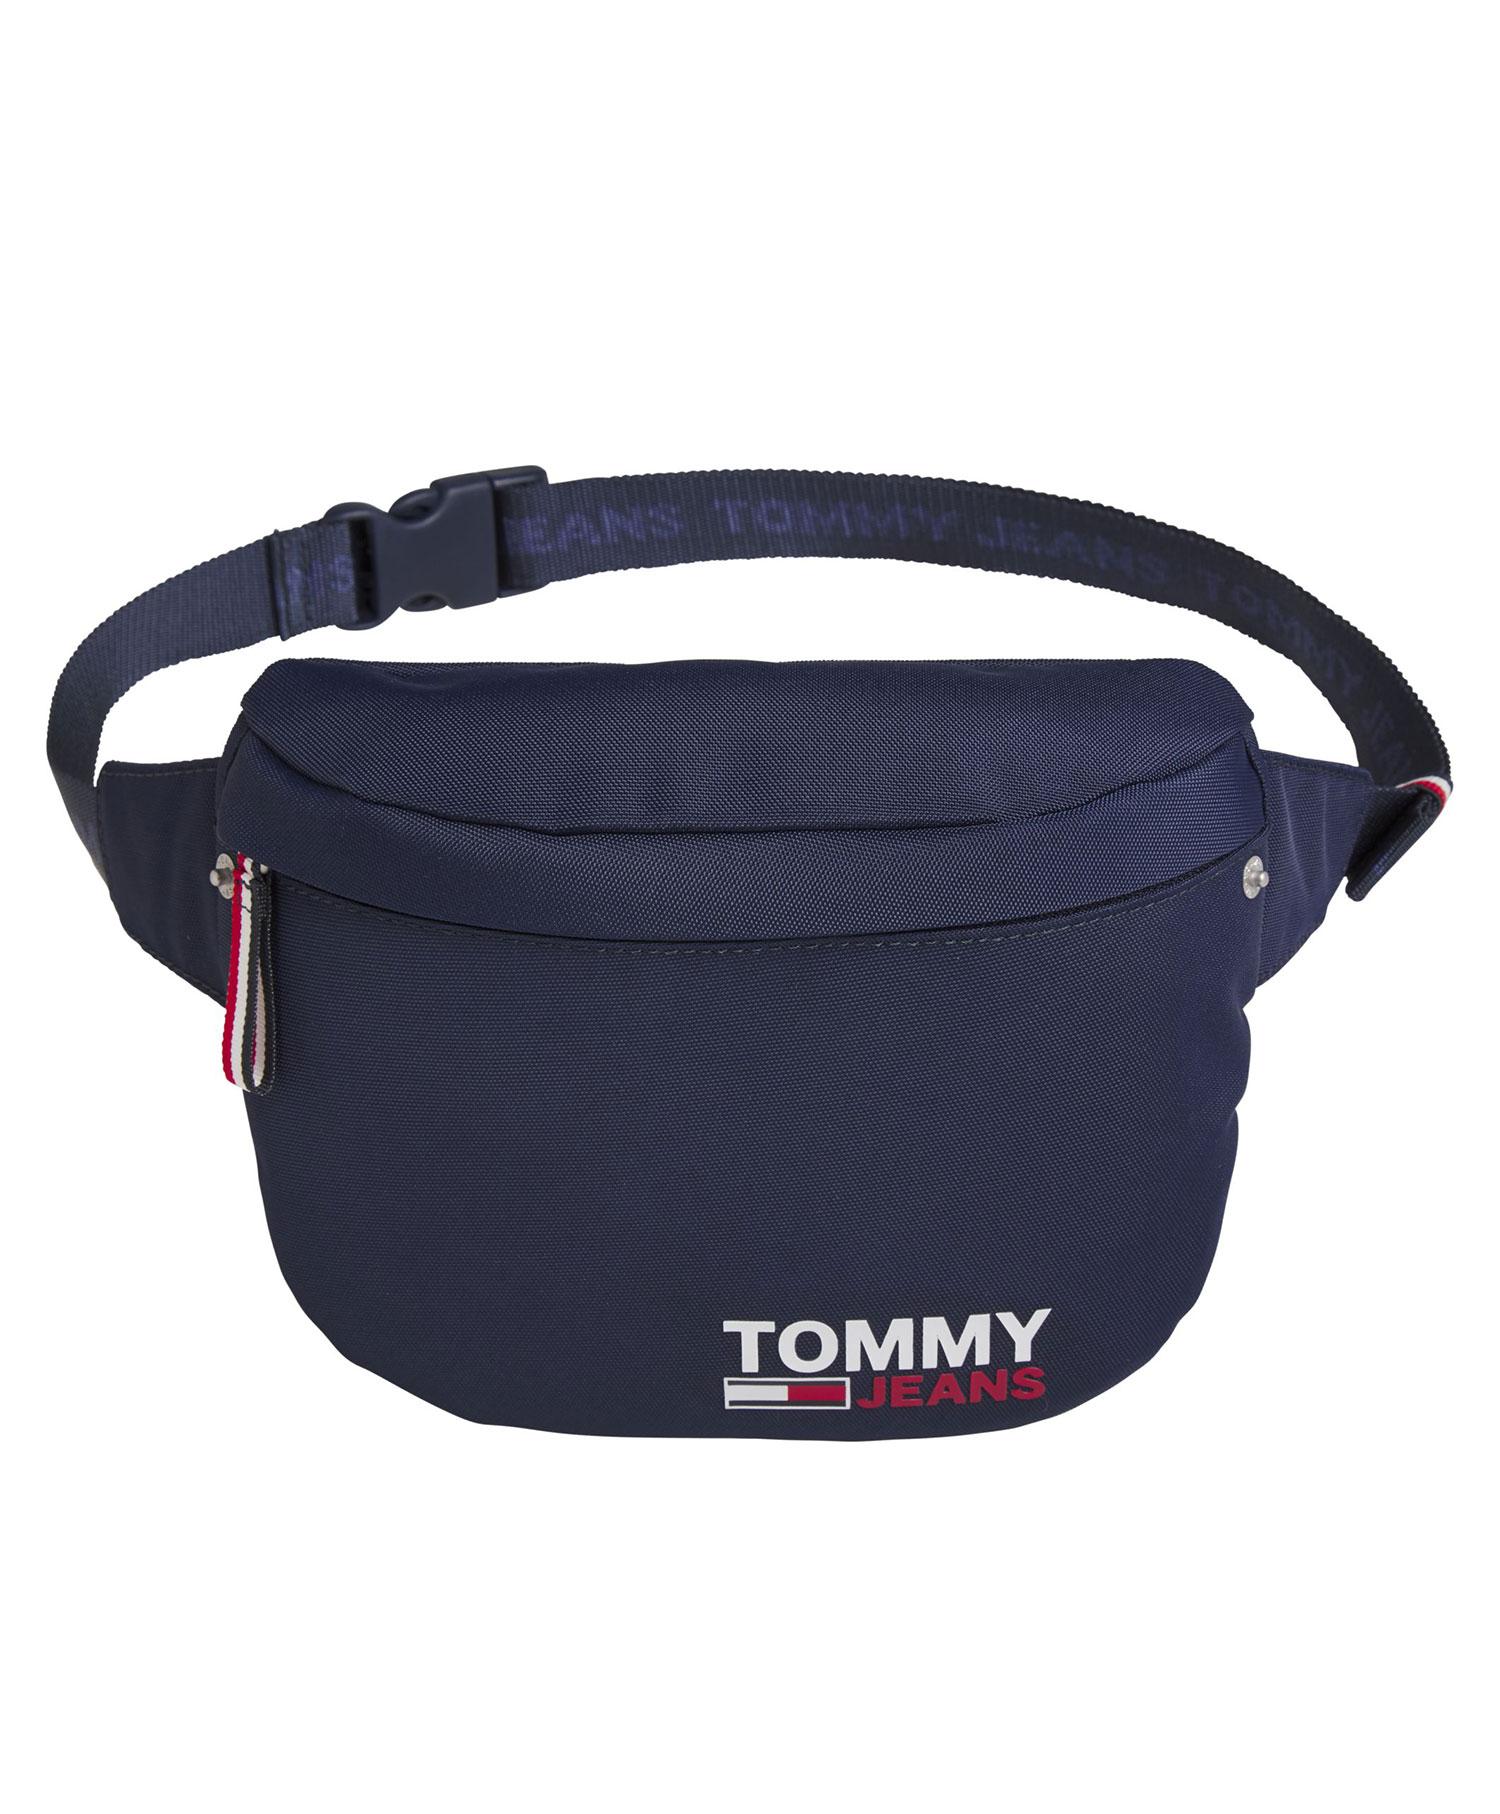 Tommy Hilfiger bumbag